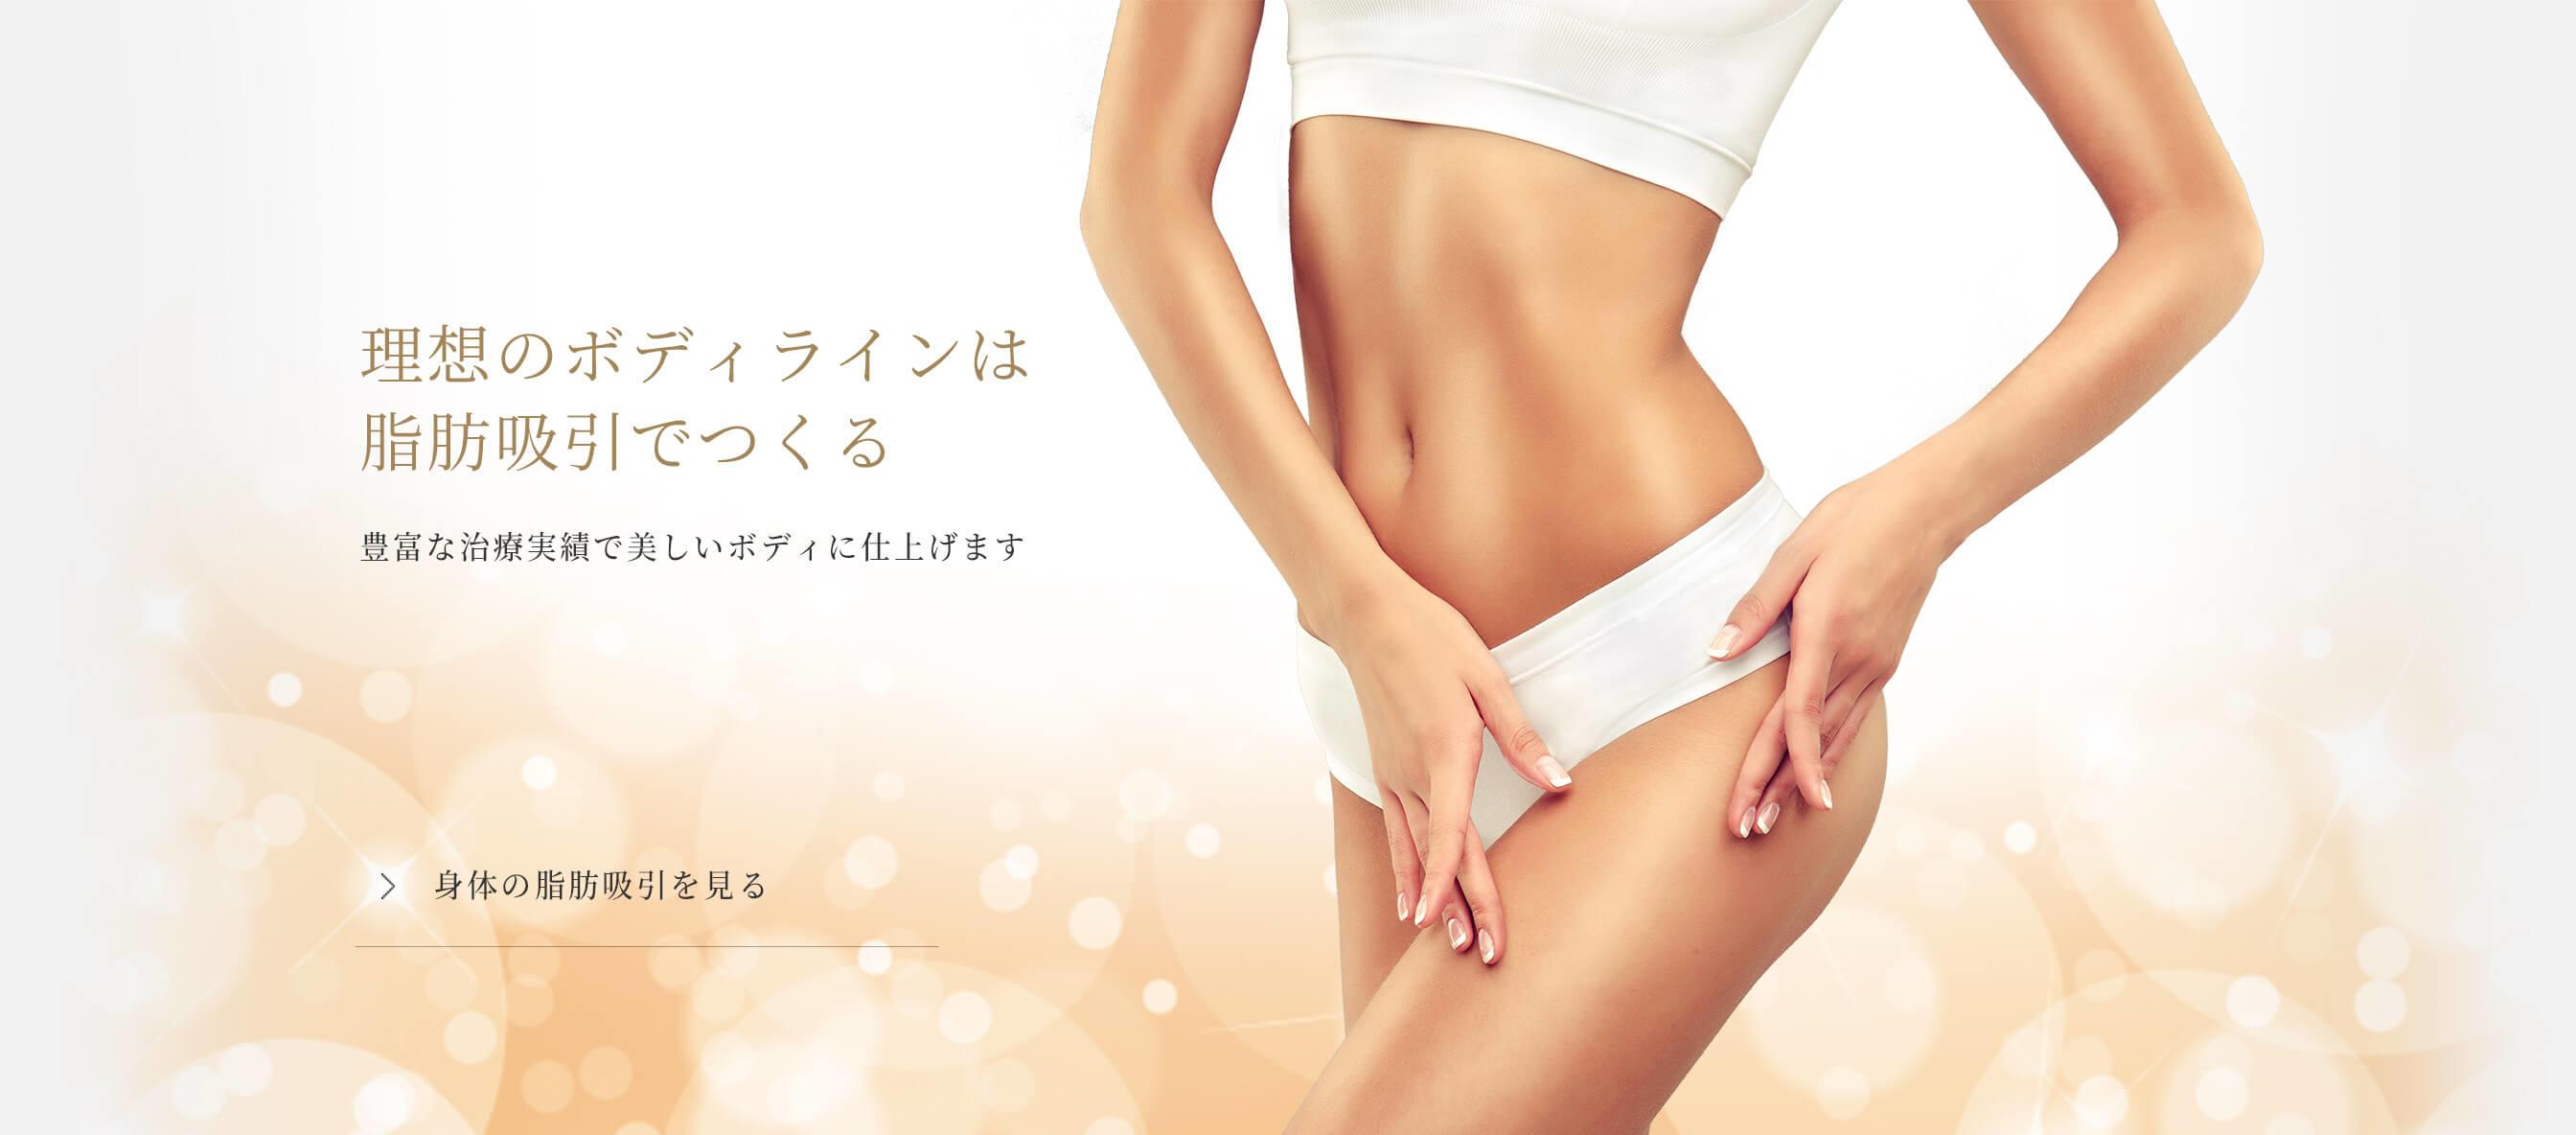 理想のボディラインは脂肪吸引で作る 豊富な治療実績で美しいボディラインに仕上げます